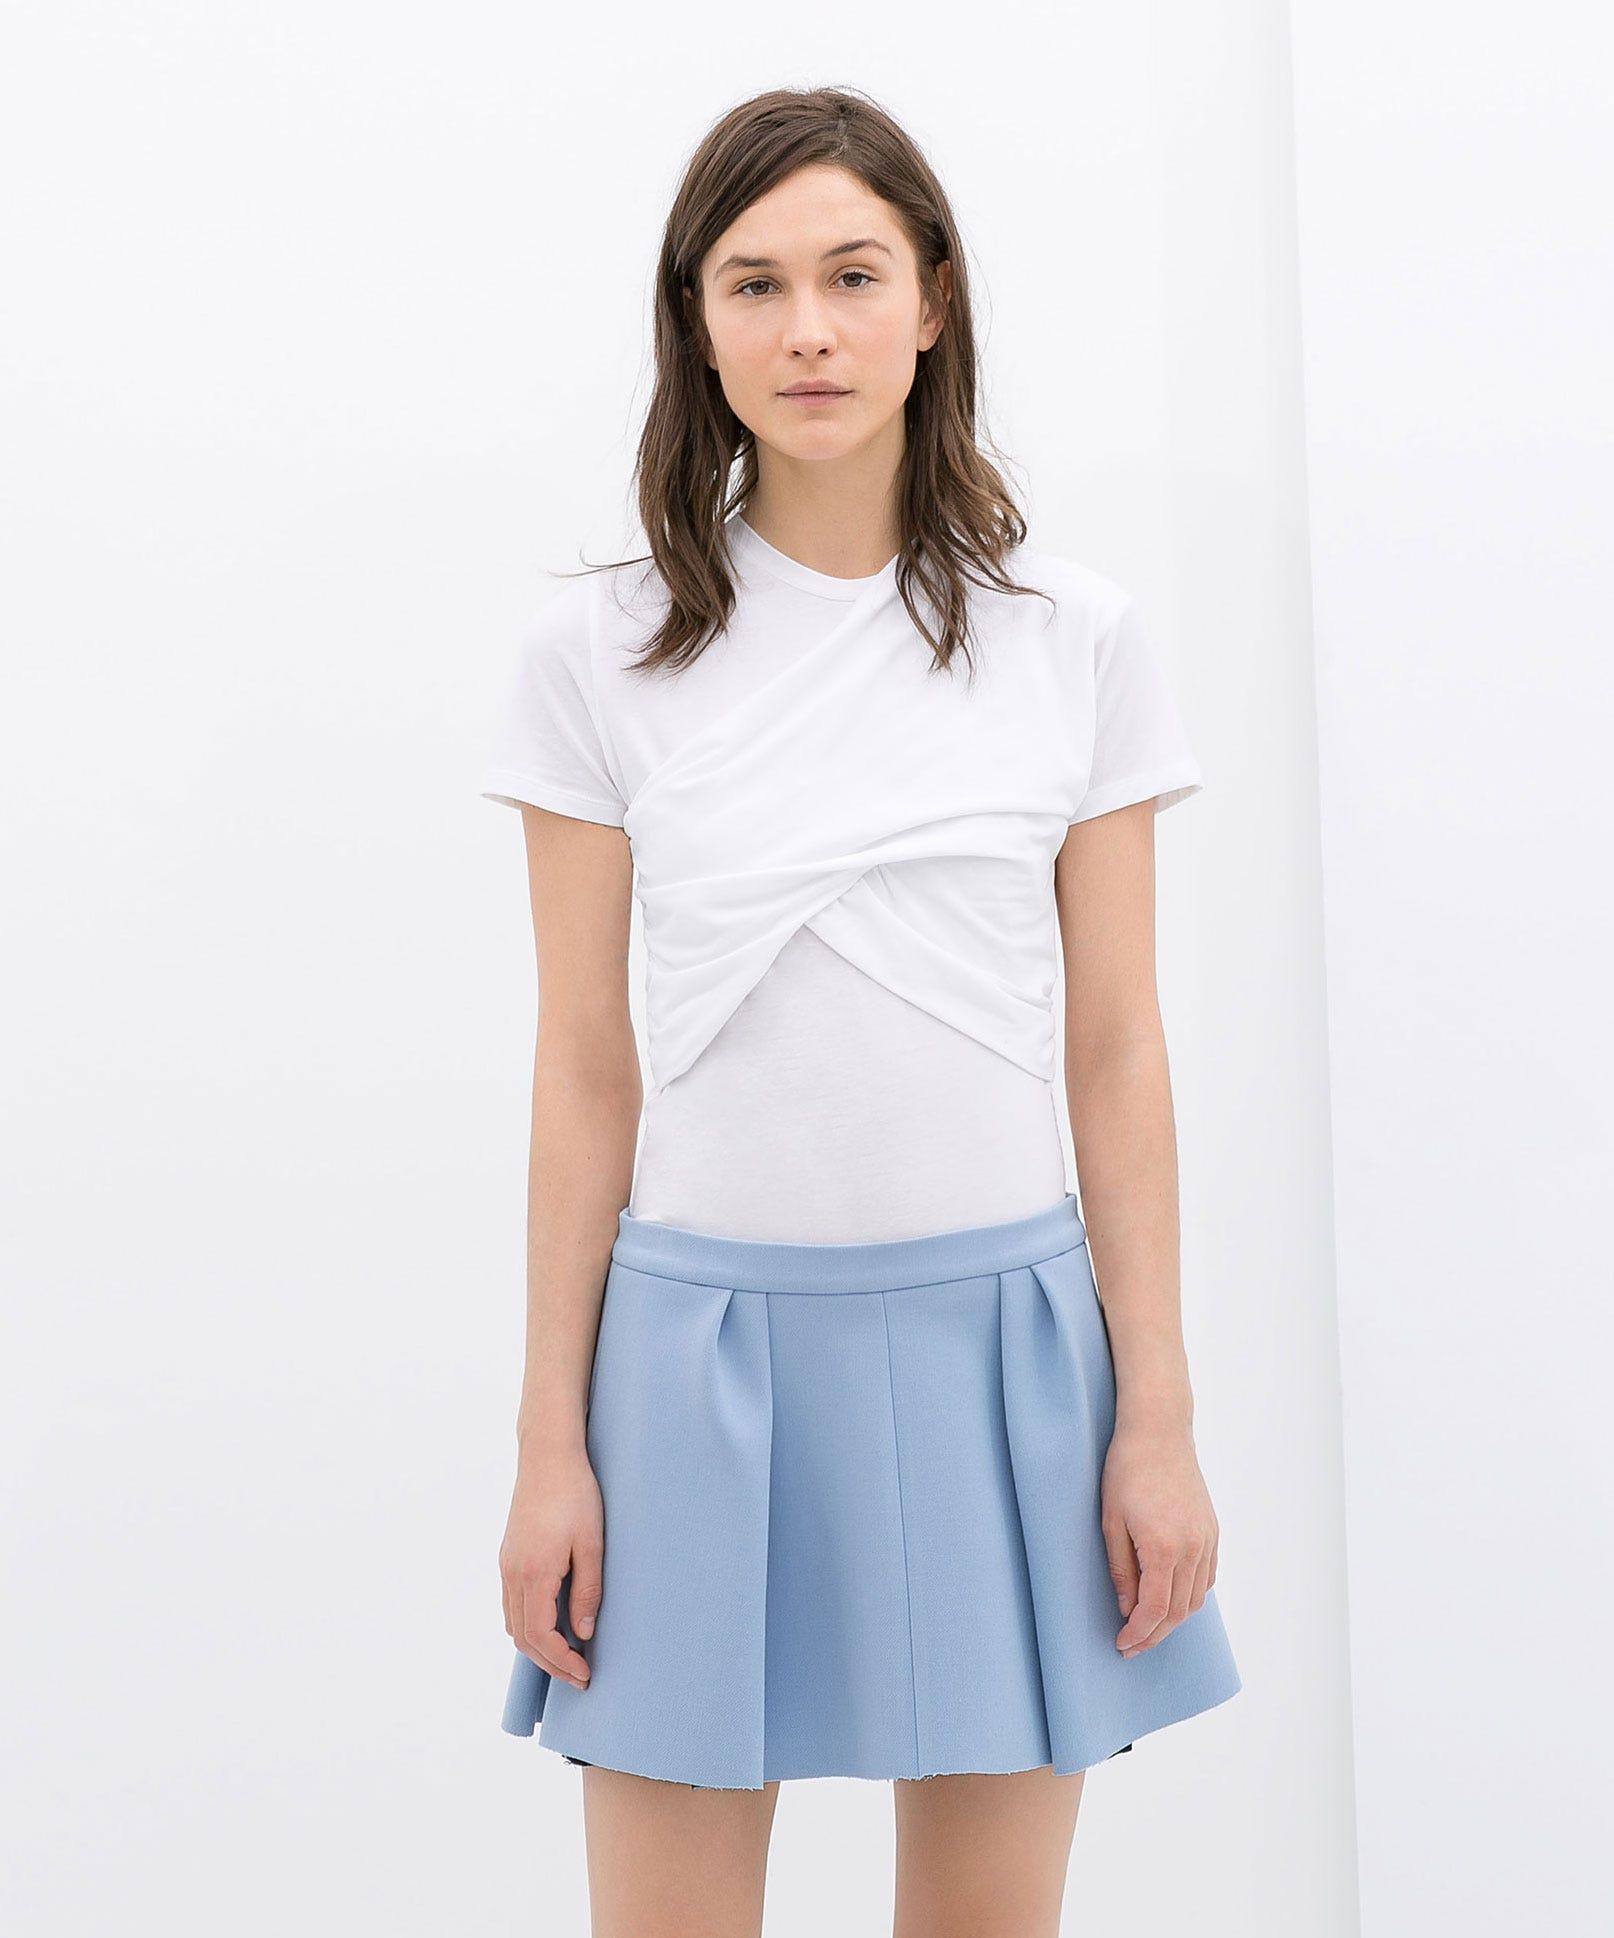 whiteshirt-op